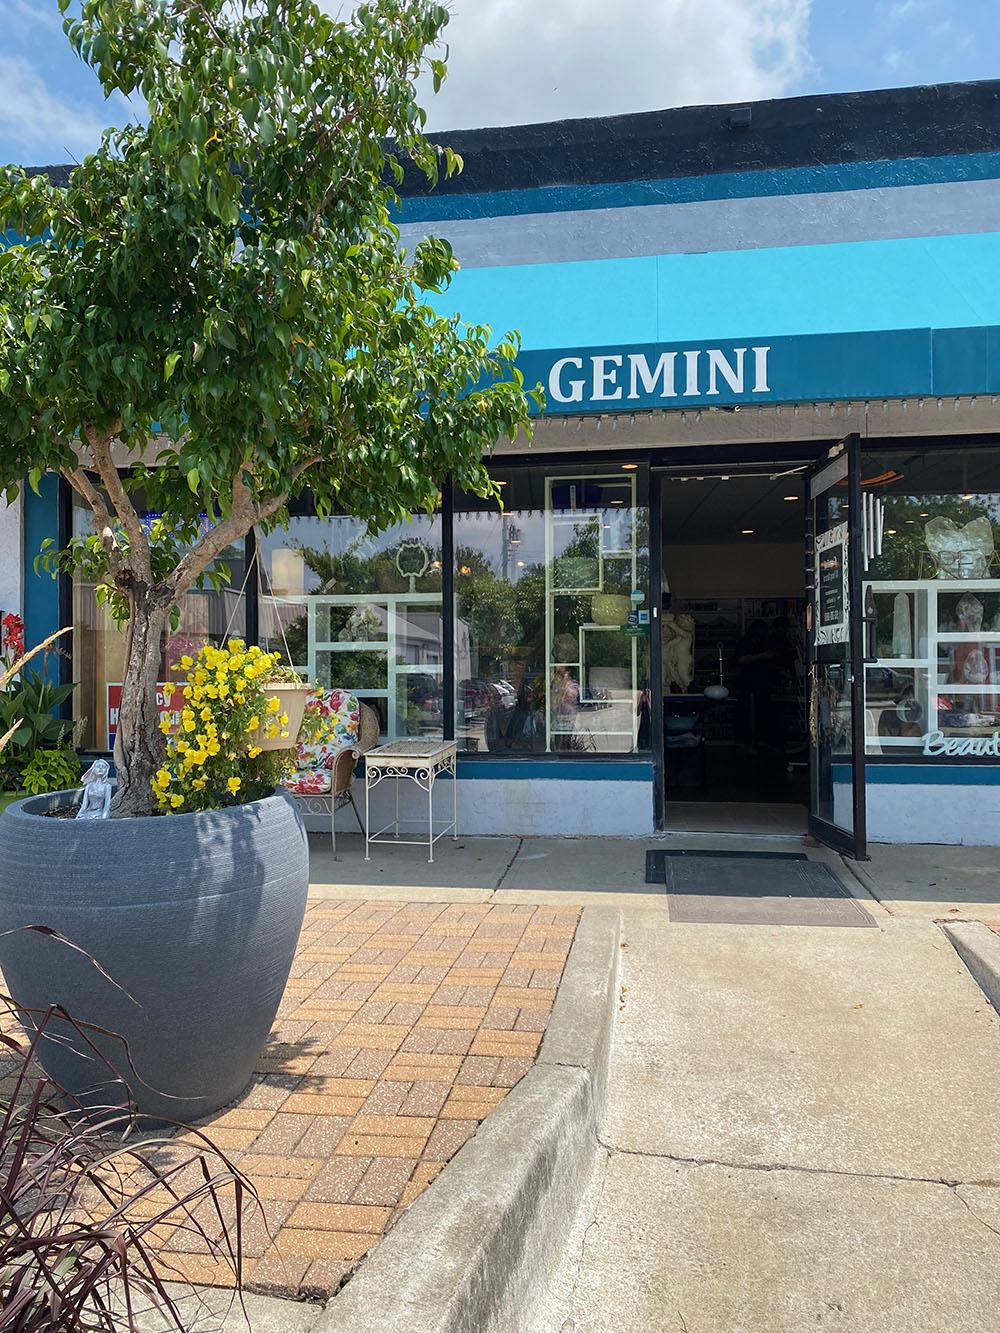 Exterior of Gemini in Merriam, Kansas